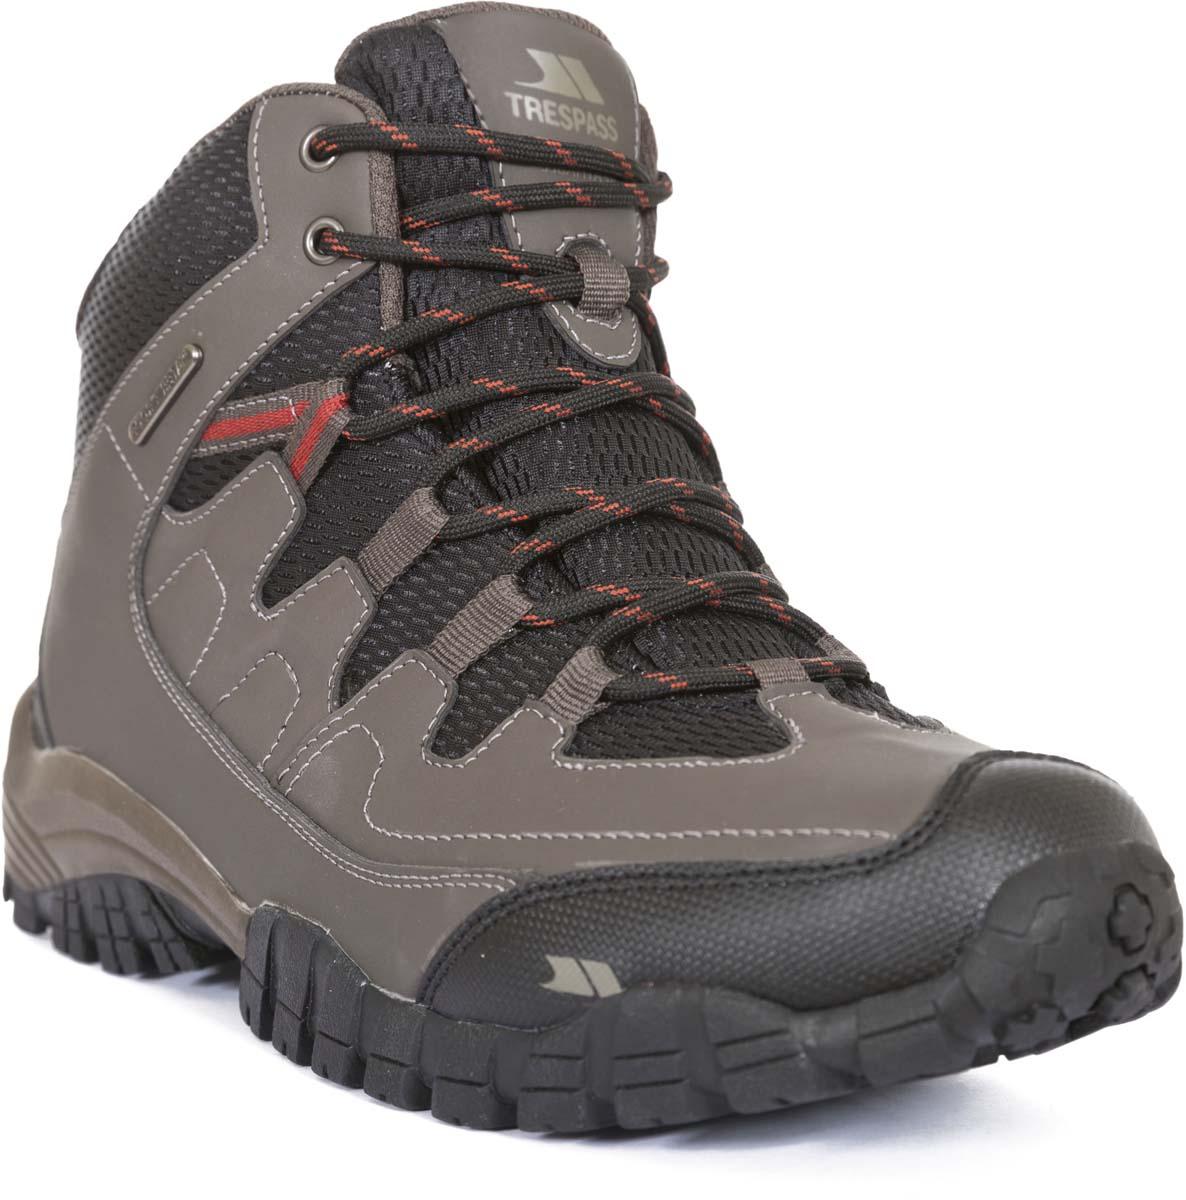 Ботинки трекинговые мужские Trespass Finley, цвет: бежевый. MAFOBOM30005. Размер 45MAFOBOM30005ехнологичные трекинговые ботинки от Trespass выполнены из мембранного материала. Утеплены микроволоконным утеплителем. На ноге фиксируются при помощи шнуровки.